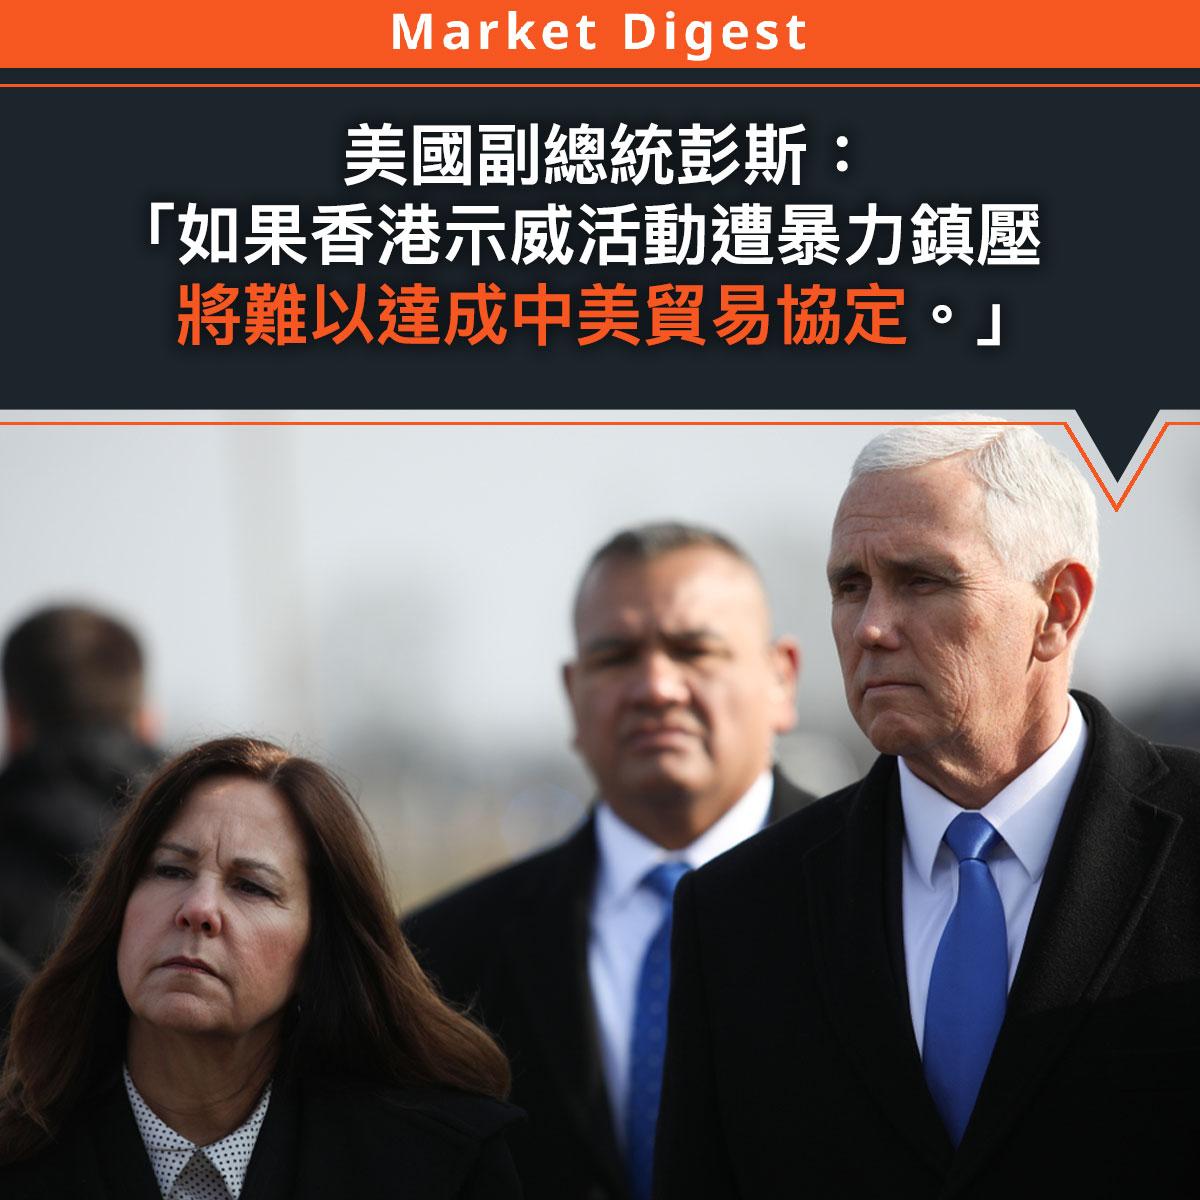 【中美貿易戰】   美國副總統彭斯:「如果香港示威活動遭暴力鎮壓    將難以達成中美貿易協定。」